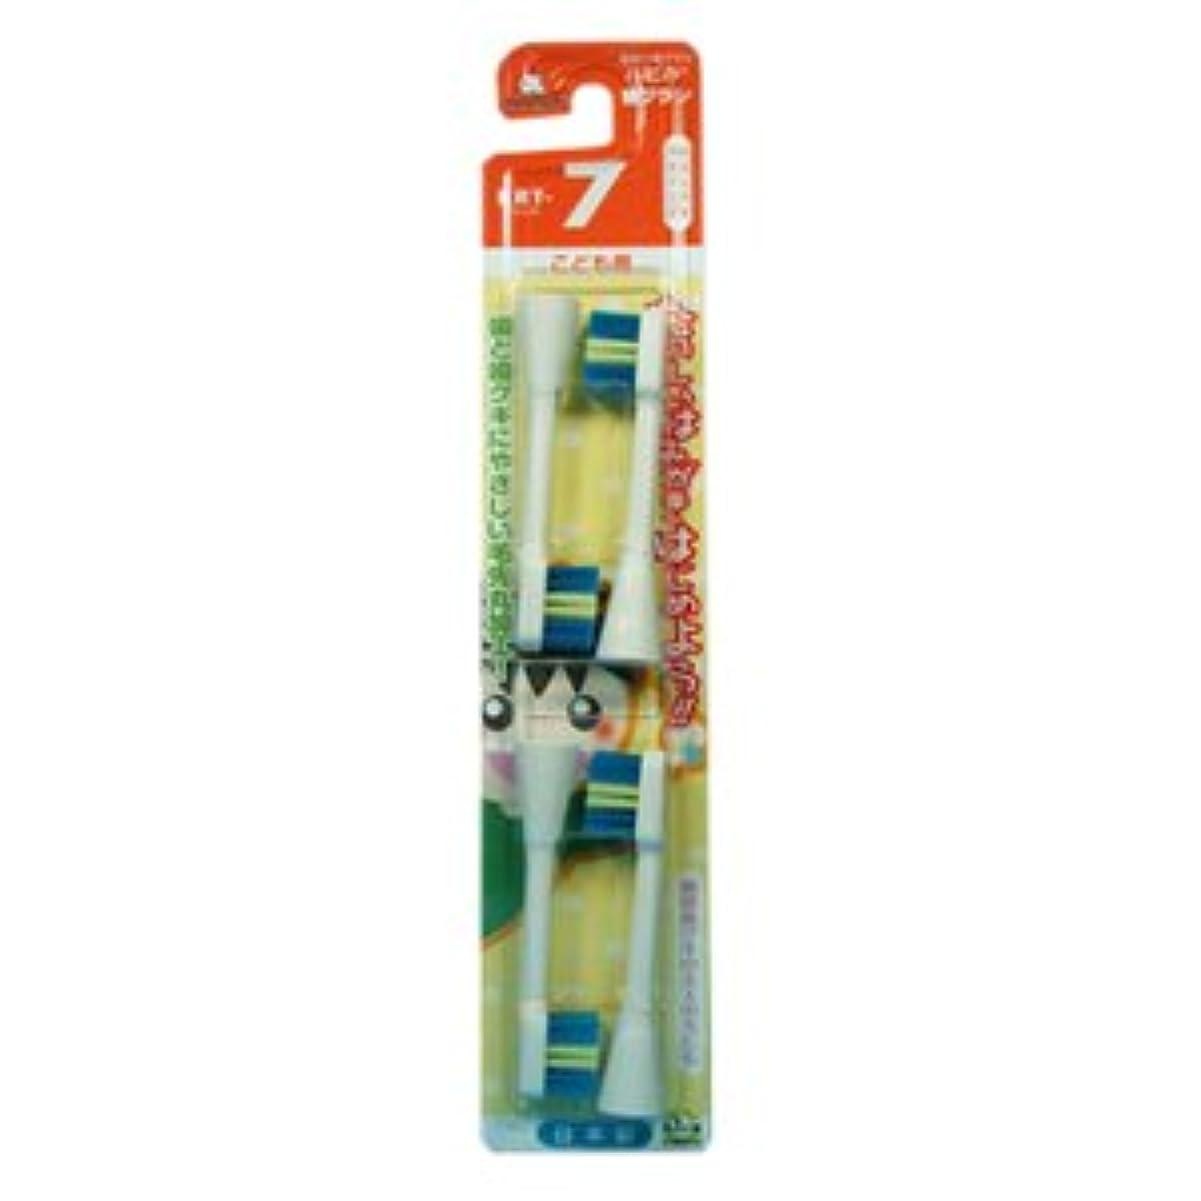 オセアニアテメリティ夜の動物園ミニマム 電動付歯ブラシ ハピカ 専用替ブラシ こども用 毛の硬さ:やわらかめ BRT-7 4個入